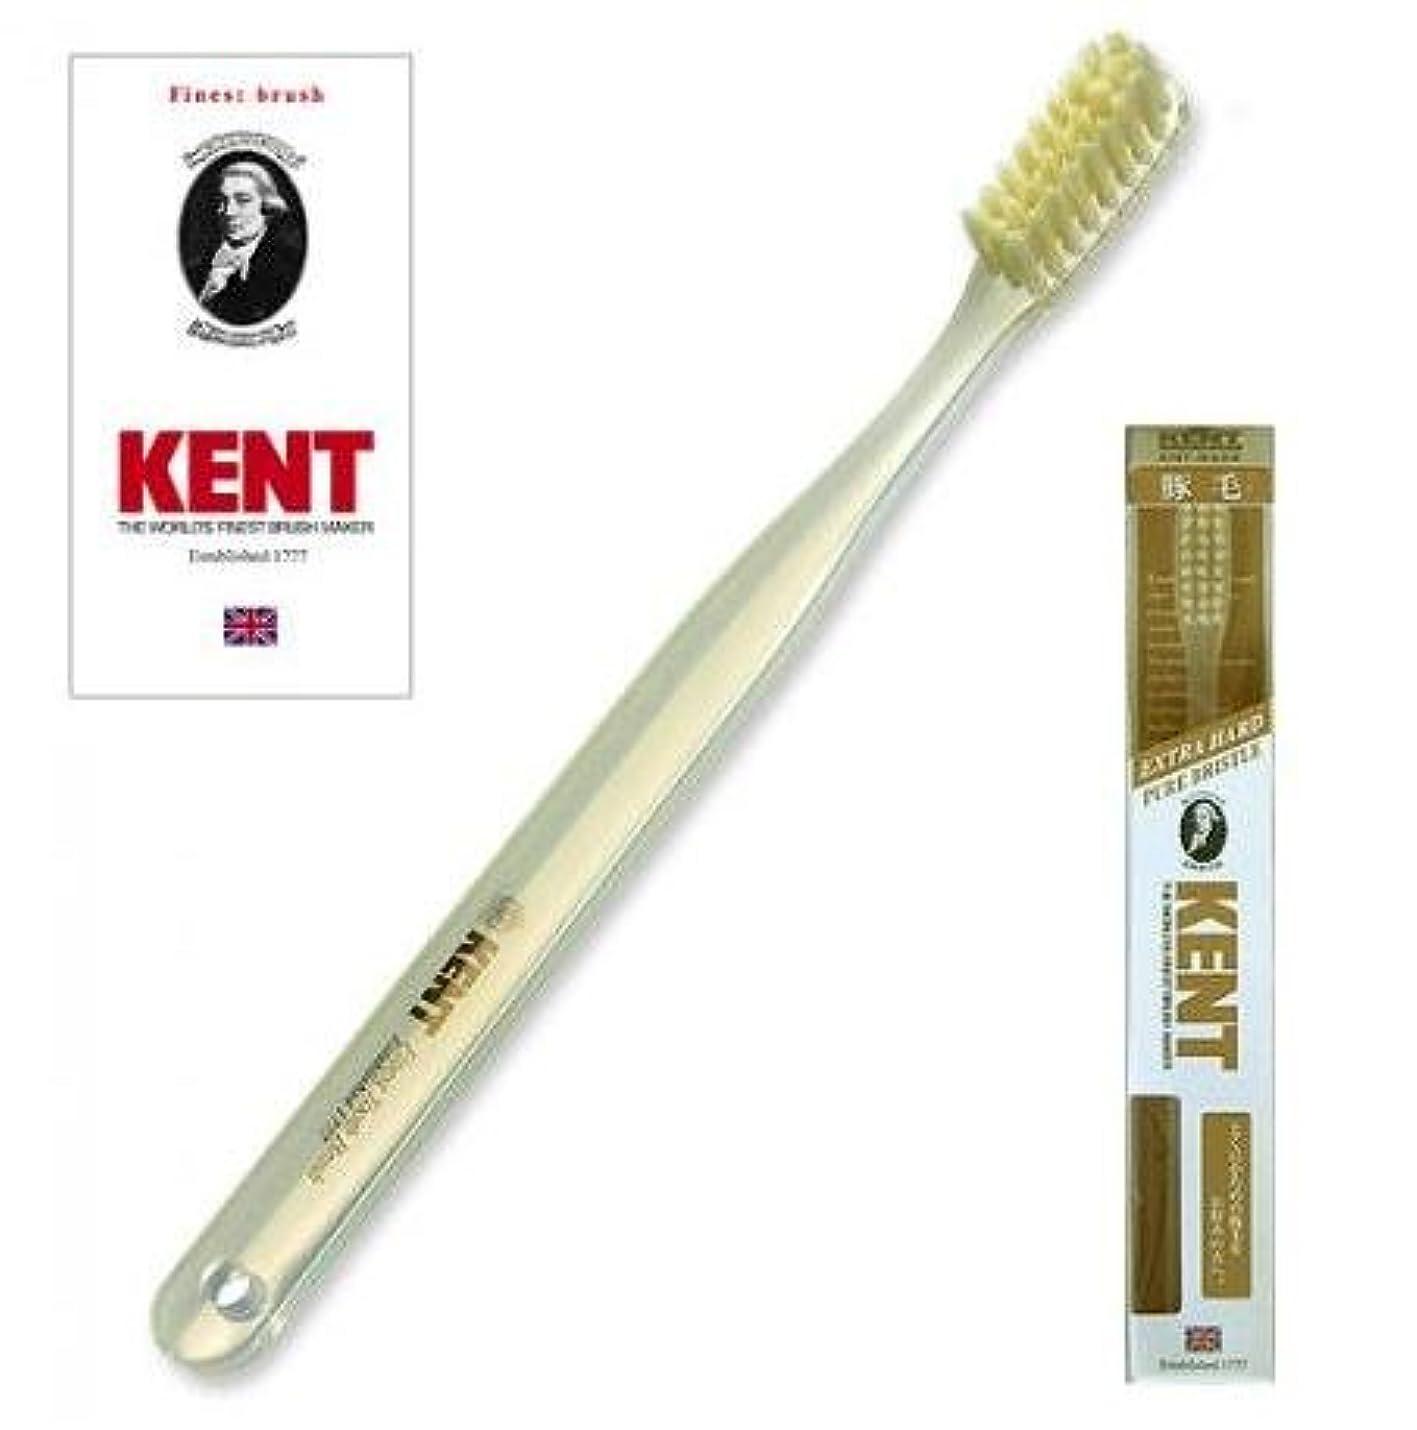 見物人抑制する試みるKENT(ケント) 豚毛歯ブラシ ラージヘッド 超かため 2本